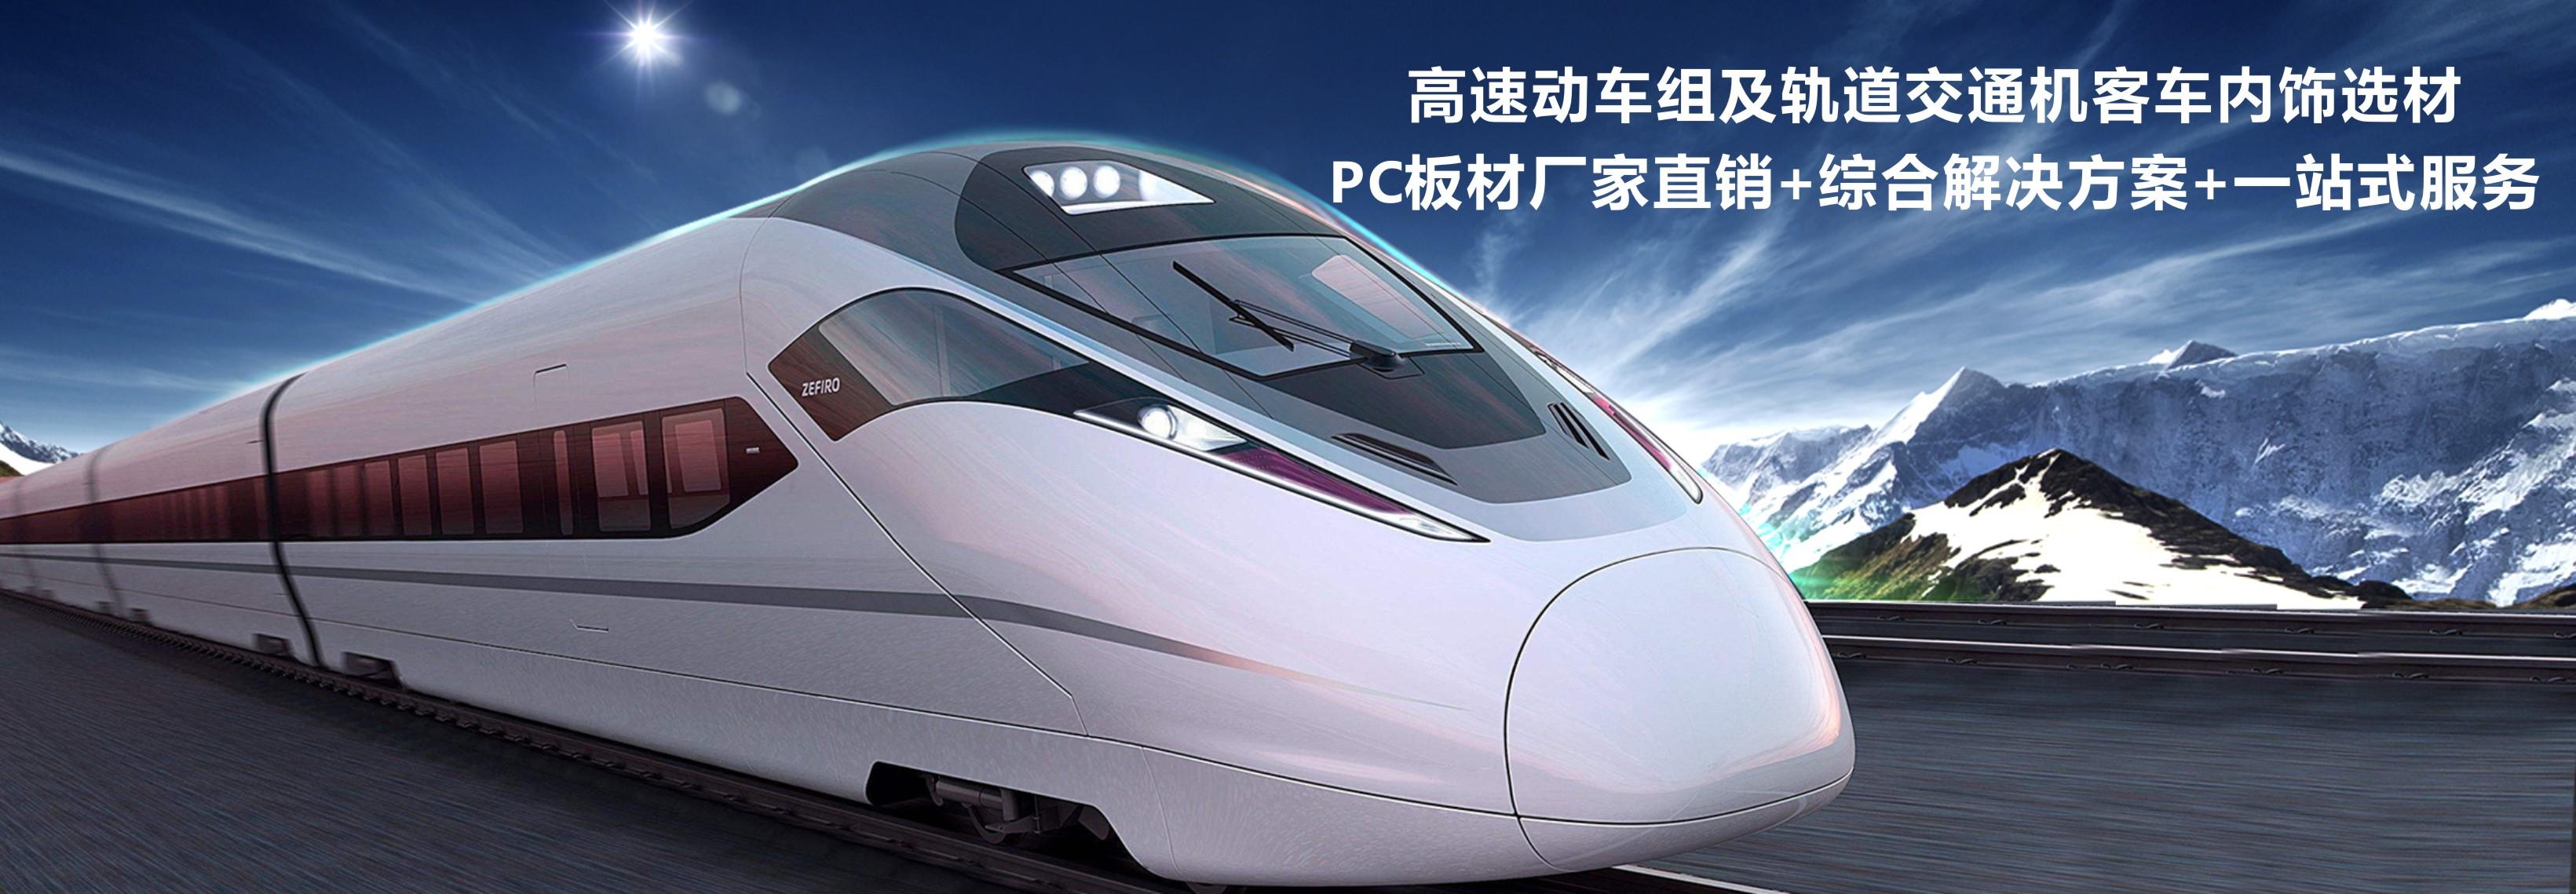 高铁动车轨交机客车用PC板材-上海绿澳